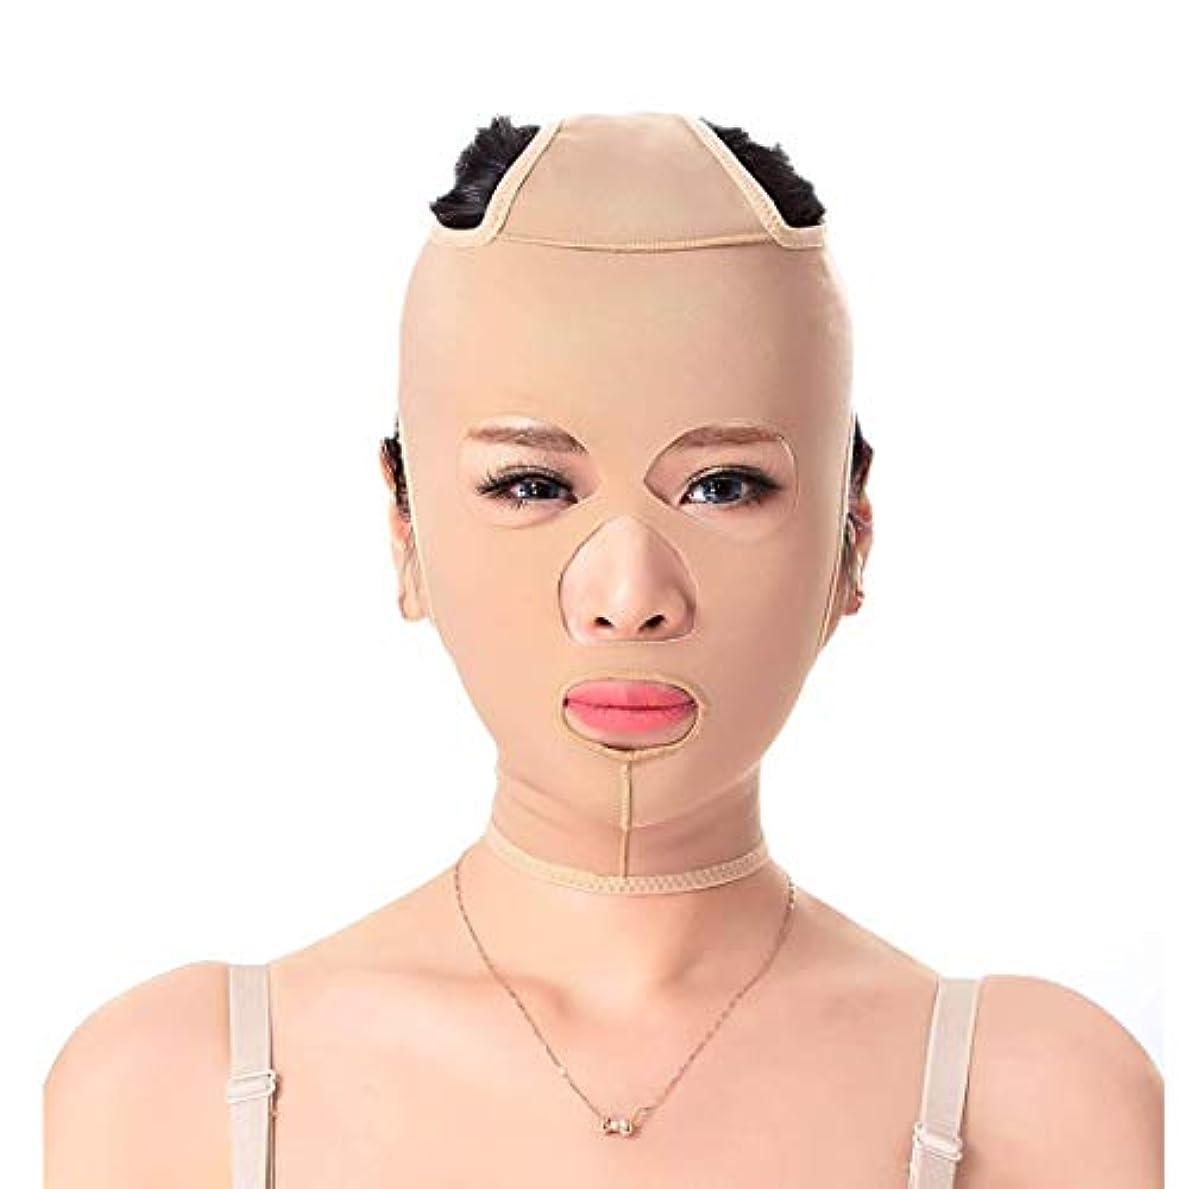 スリミングベルト、二重あごの引き締め顔面プラスチック顔アーティファクト強力な顔の包帯を脇に持ち上げるパターンを欺くためのフェイシャルマスク薄いフェイスマスク(サイズ:XXL),ザ?